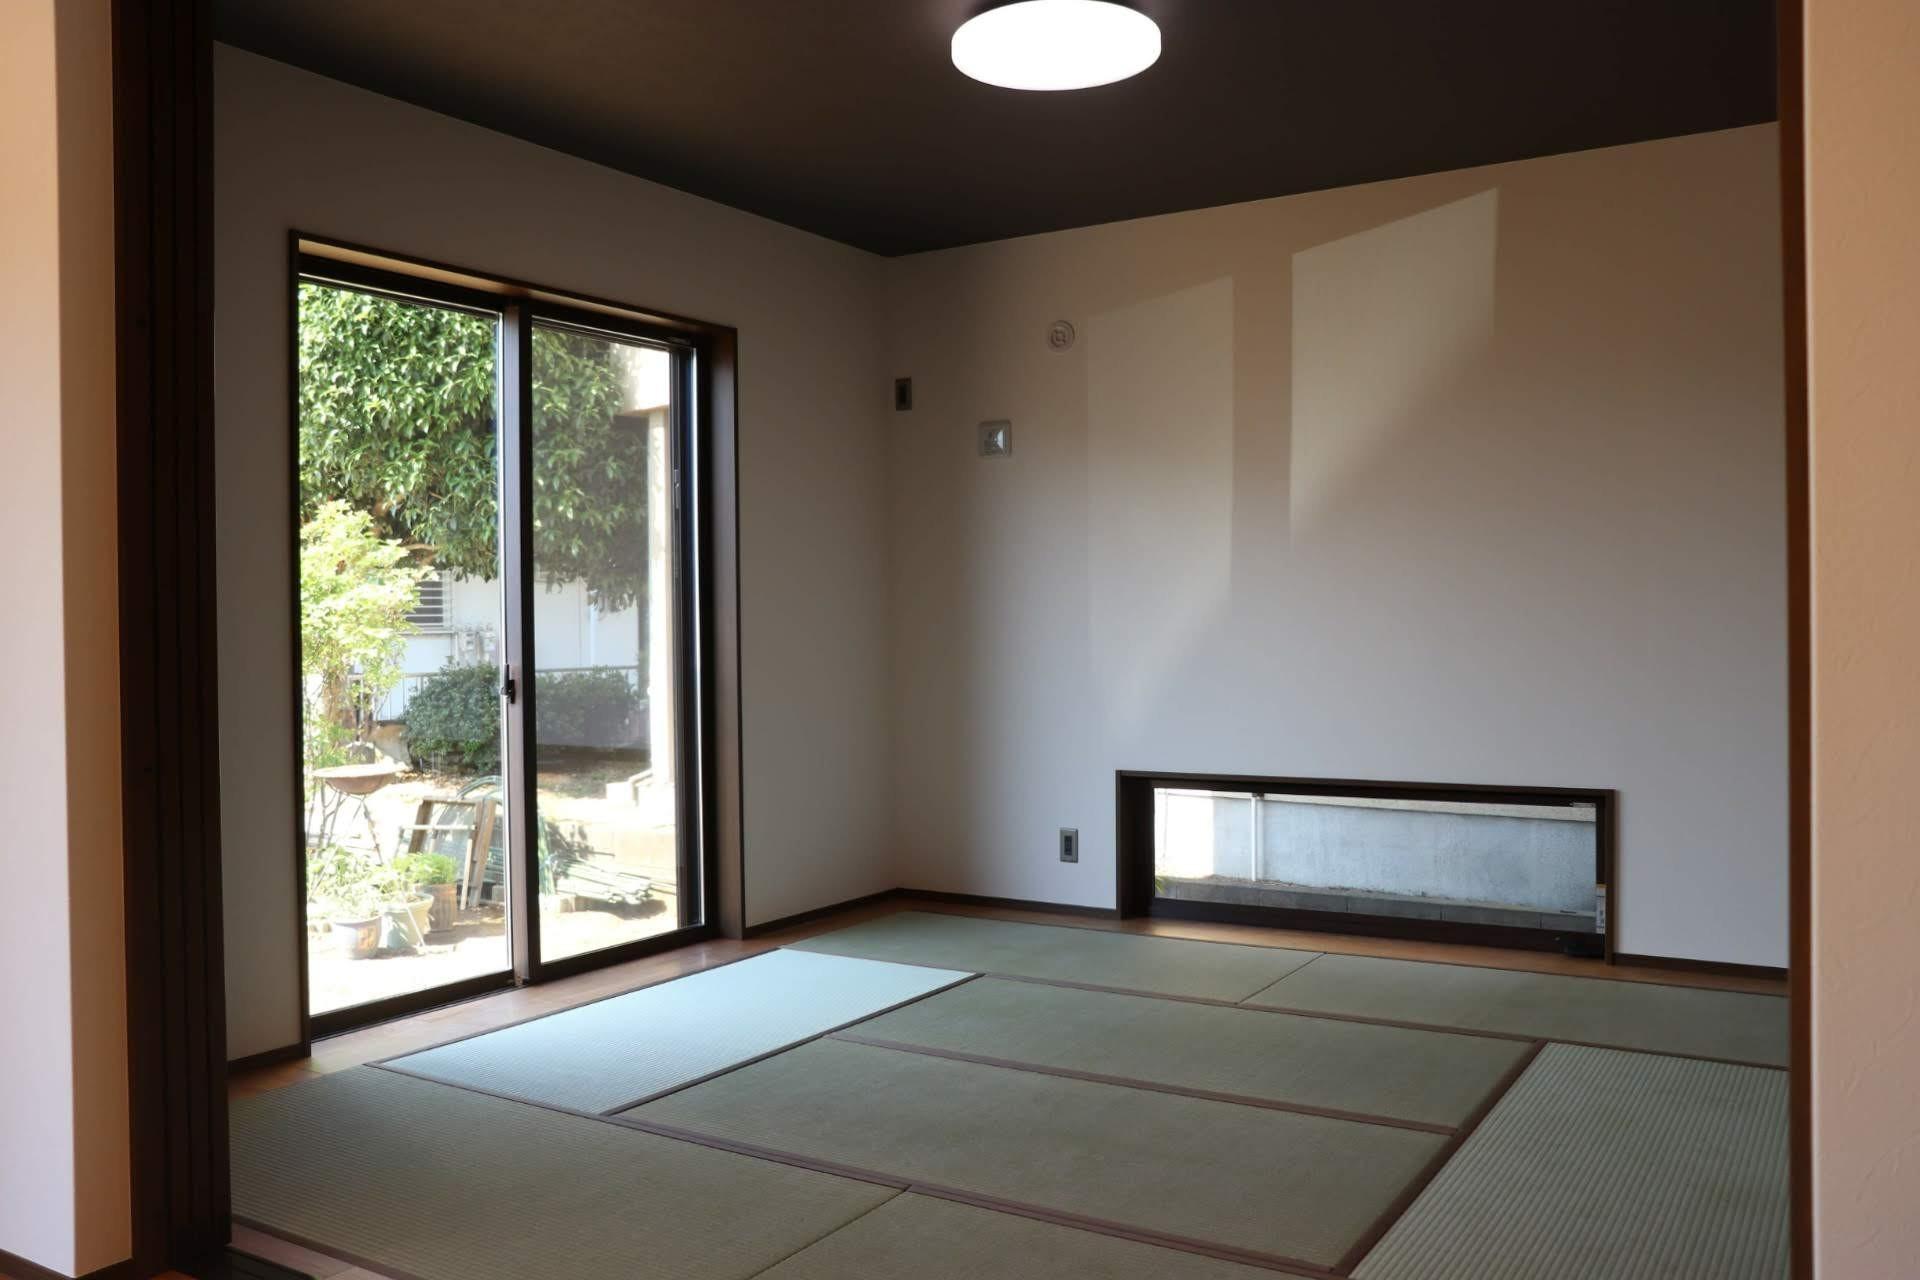 その他事例:和室(古材を使ったサーファーズハウス 埼玉県日高市・T邸)